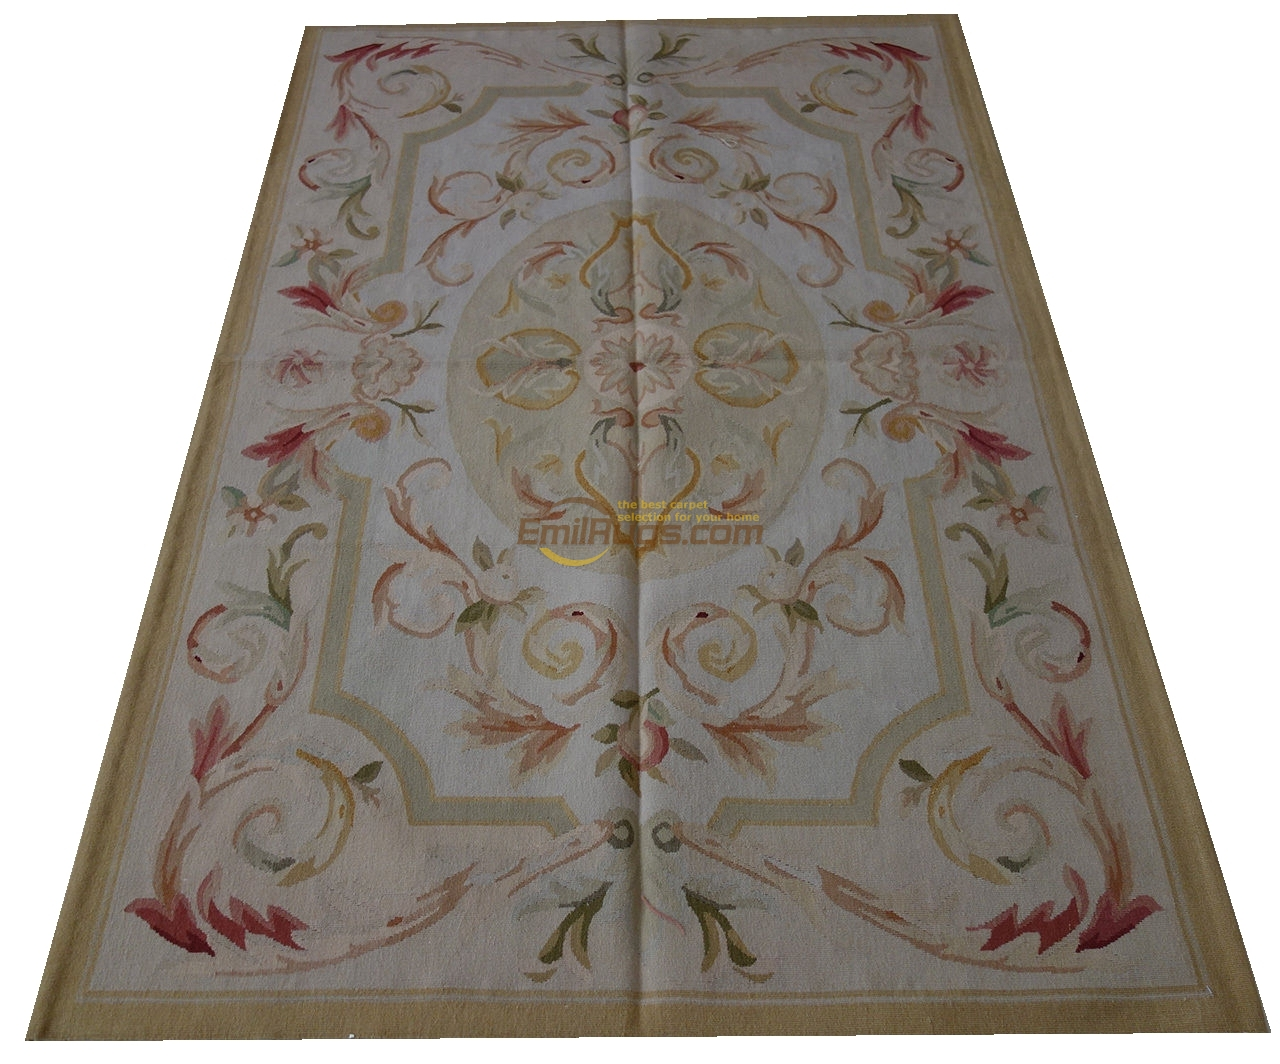 Xpa6007b FPASTEL ANTIQUE couleur claire Aubusson tapis de sol français Shabby Chic gc8aubyg13